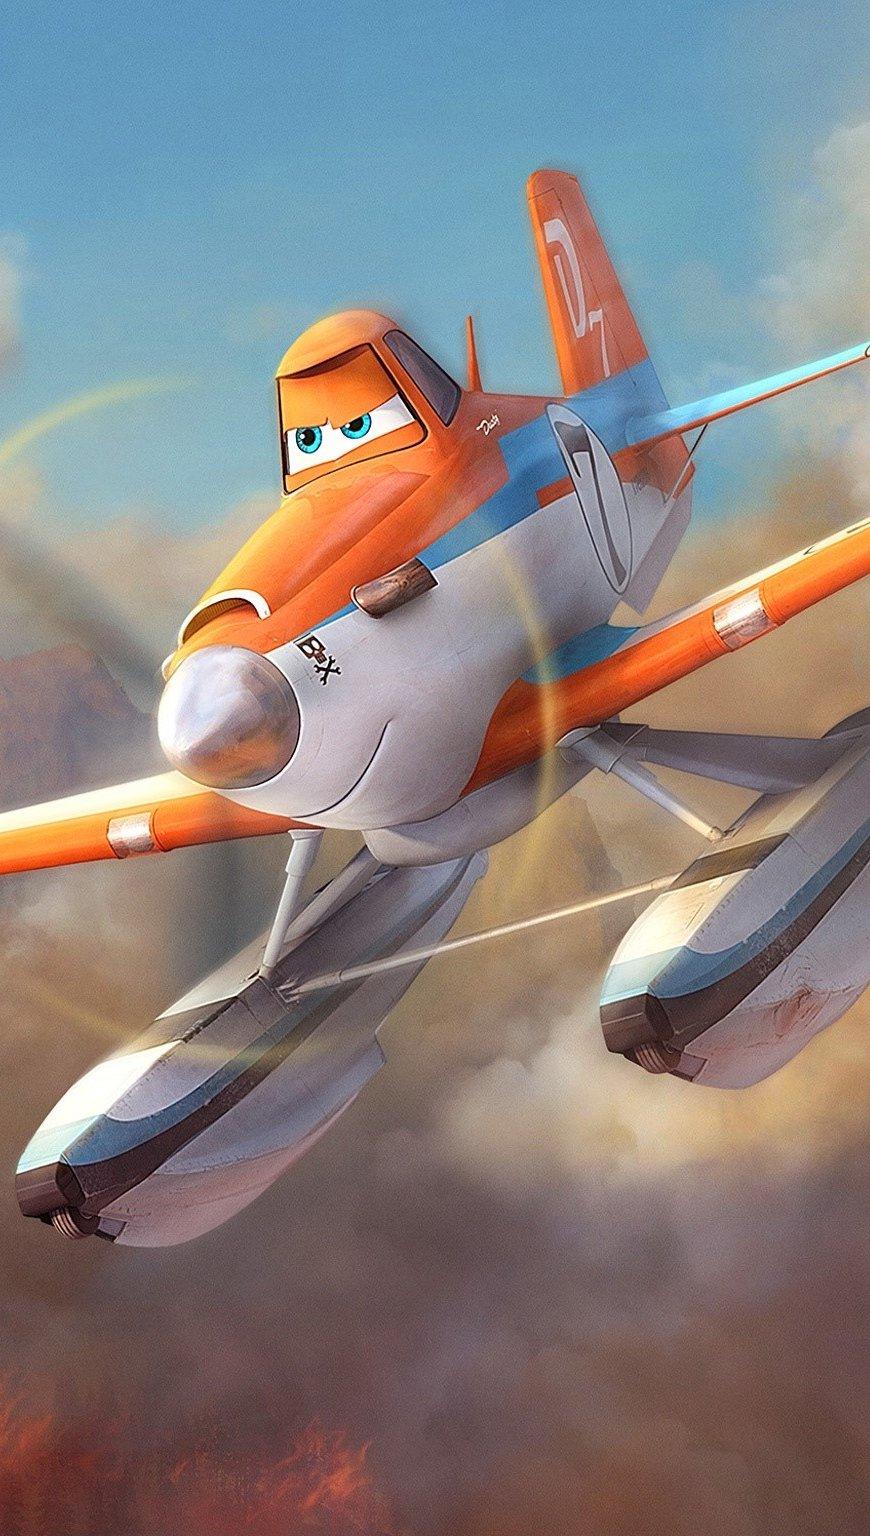 Fondos de pantalla Aviones: Equipo de rescate Vertical